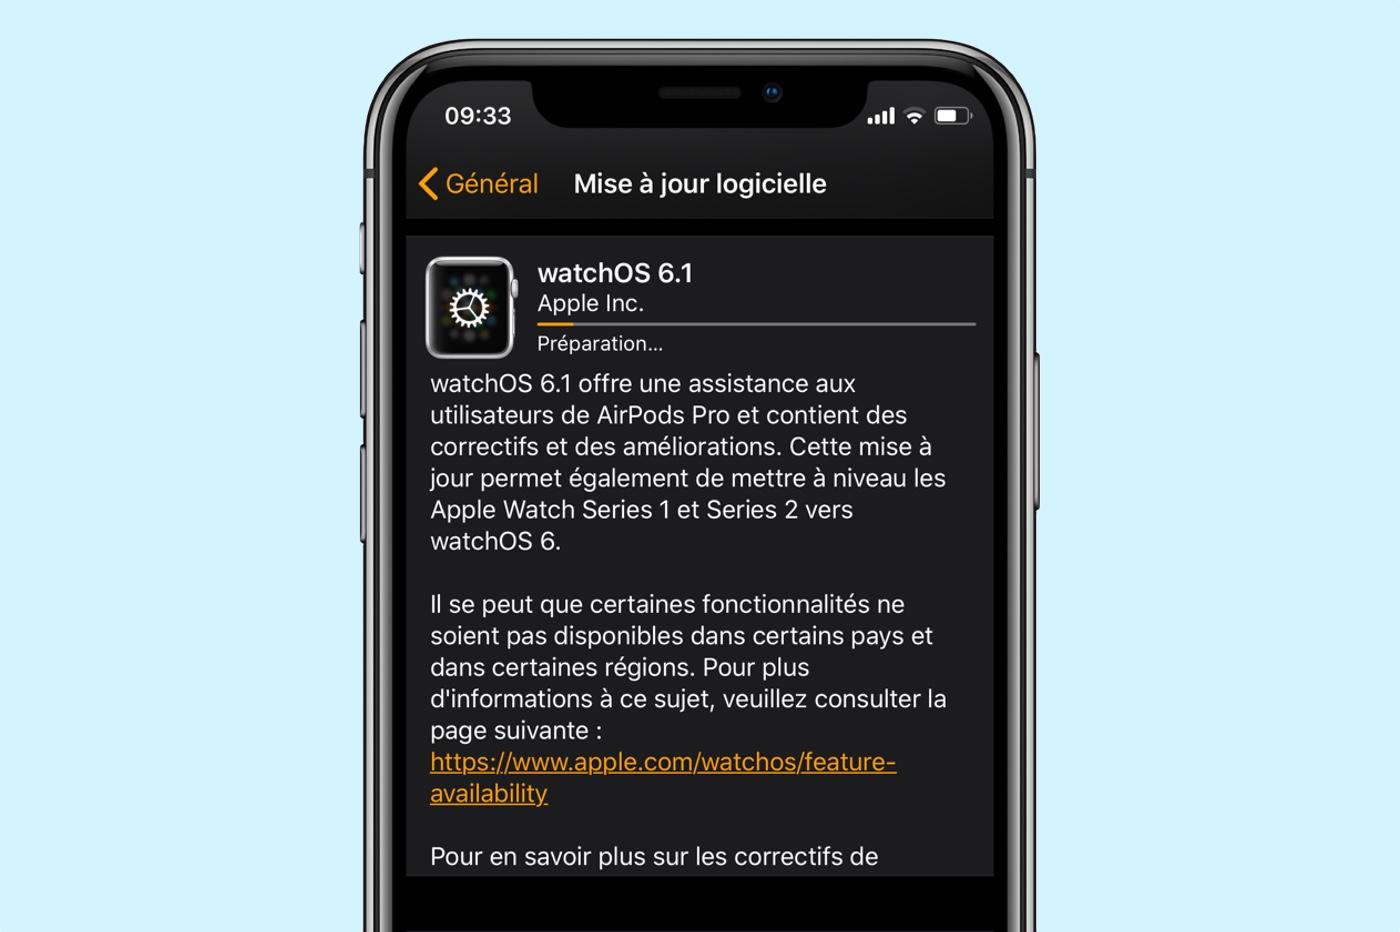 watchOS 6.1